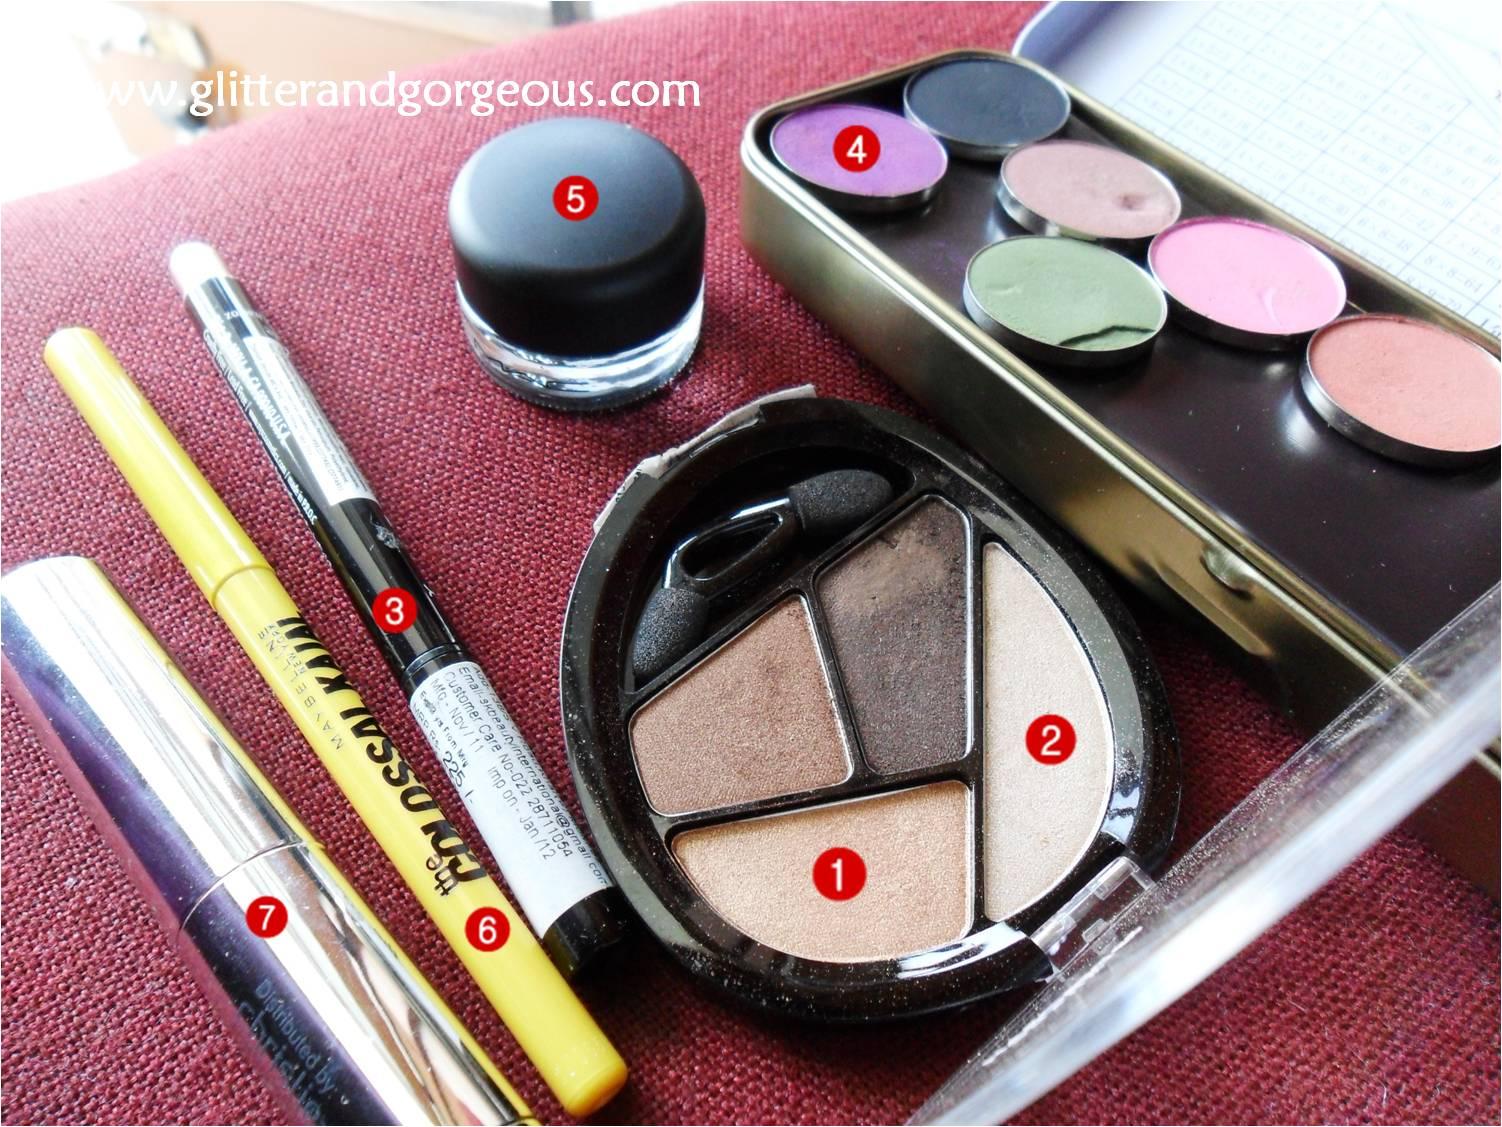 http://2.bp.blogspot.com/-xxiuFKGLt0s/UDfTro99NmI/AAAAAAAAMcU/Uju13FLmJT4/s1600/Products+used.jpg